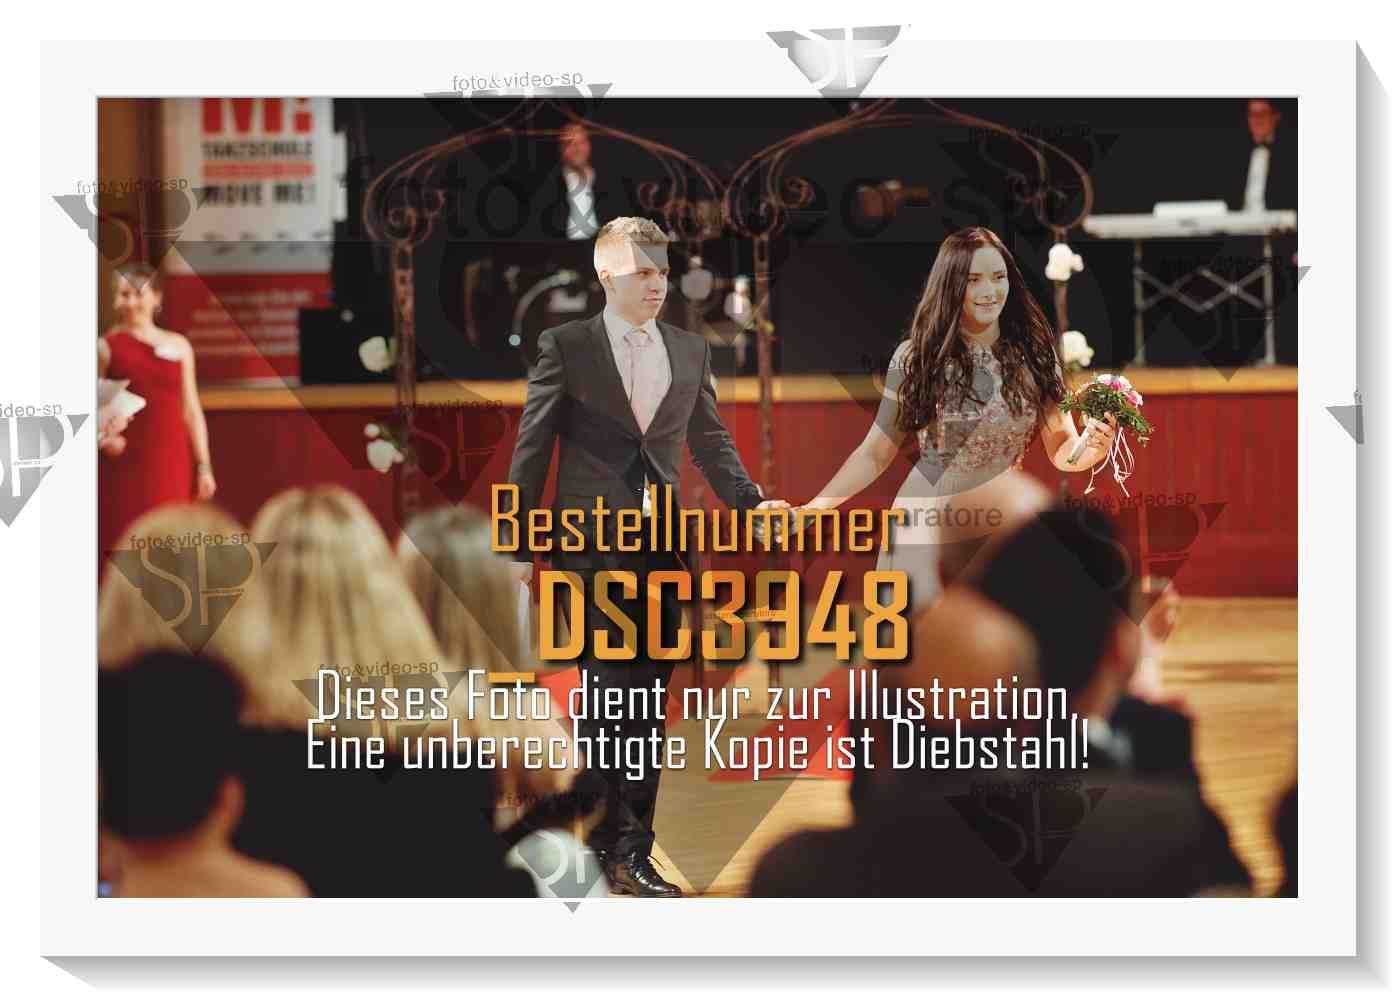 DSC3948